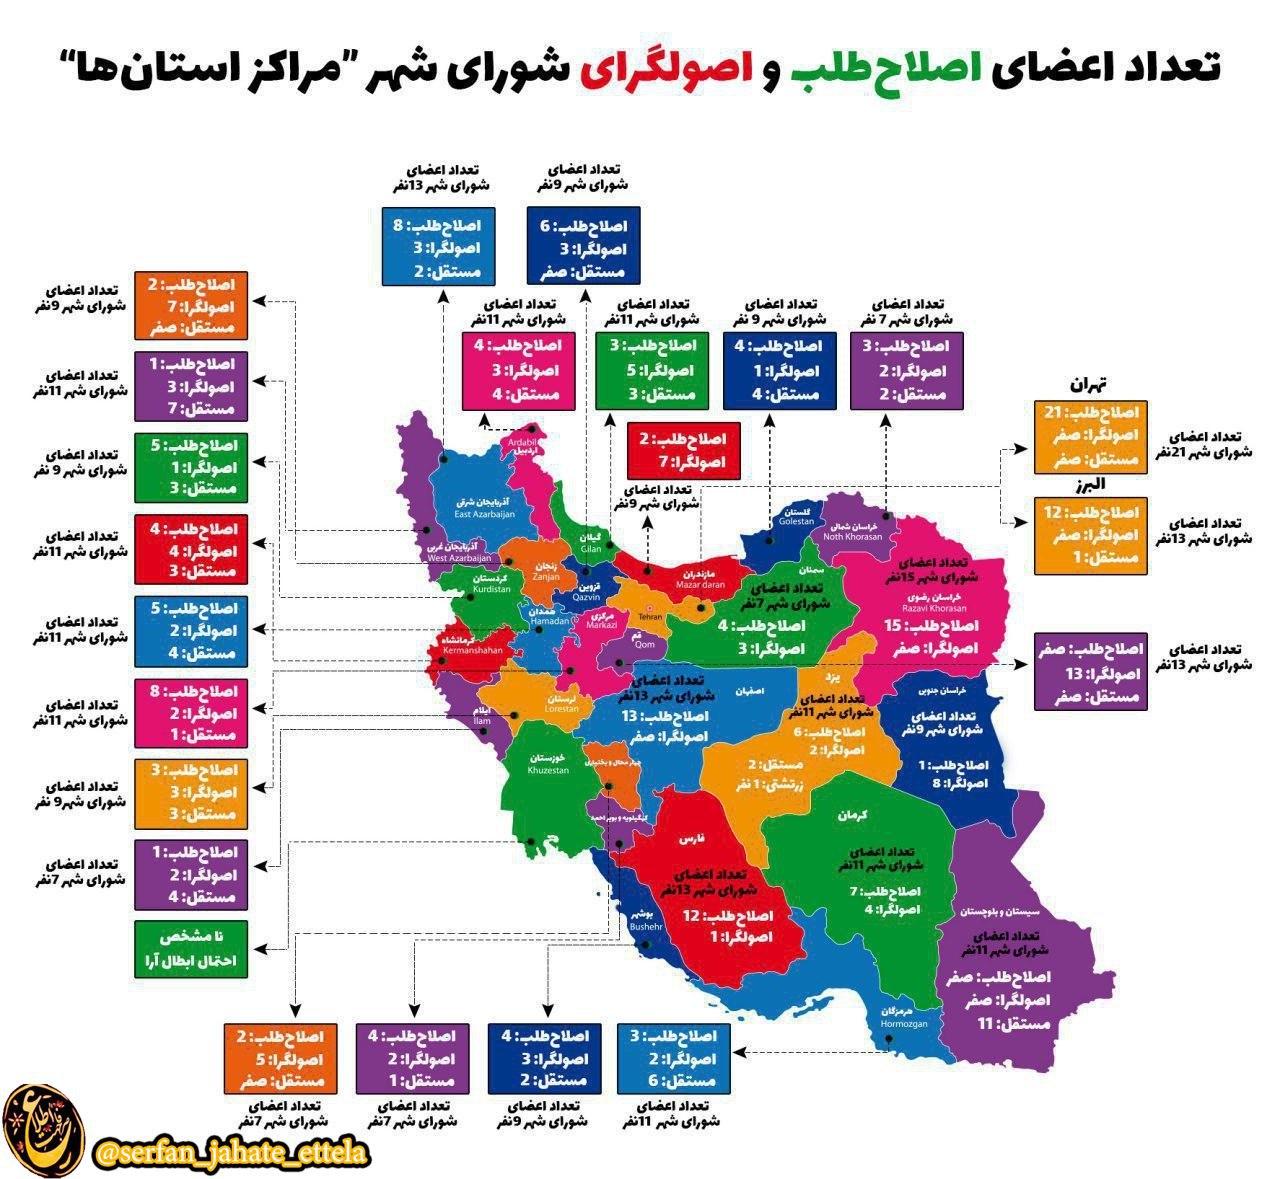 گرایش سیاسی اعضای شوراهای شهر در مراکز استانها